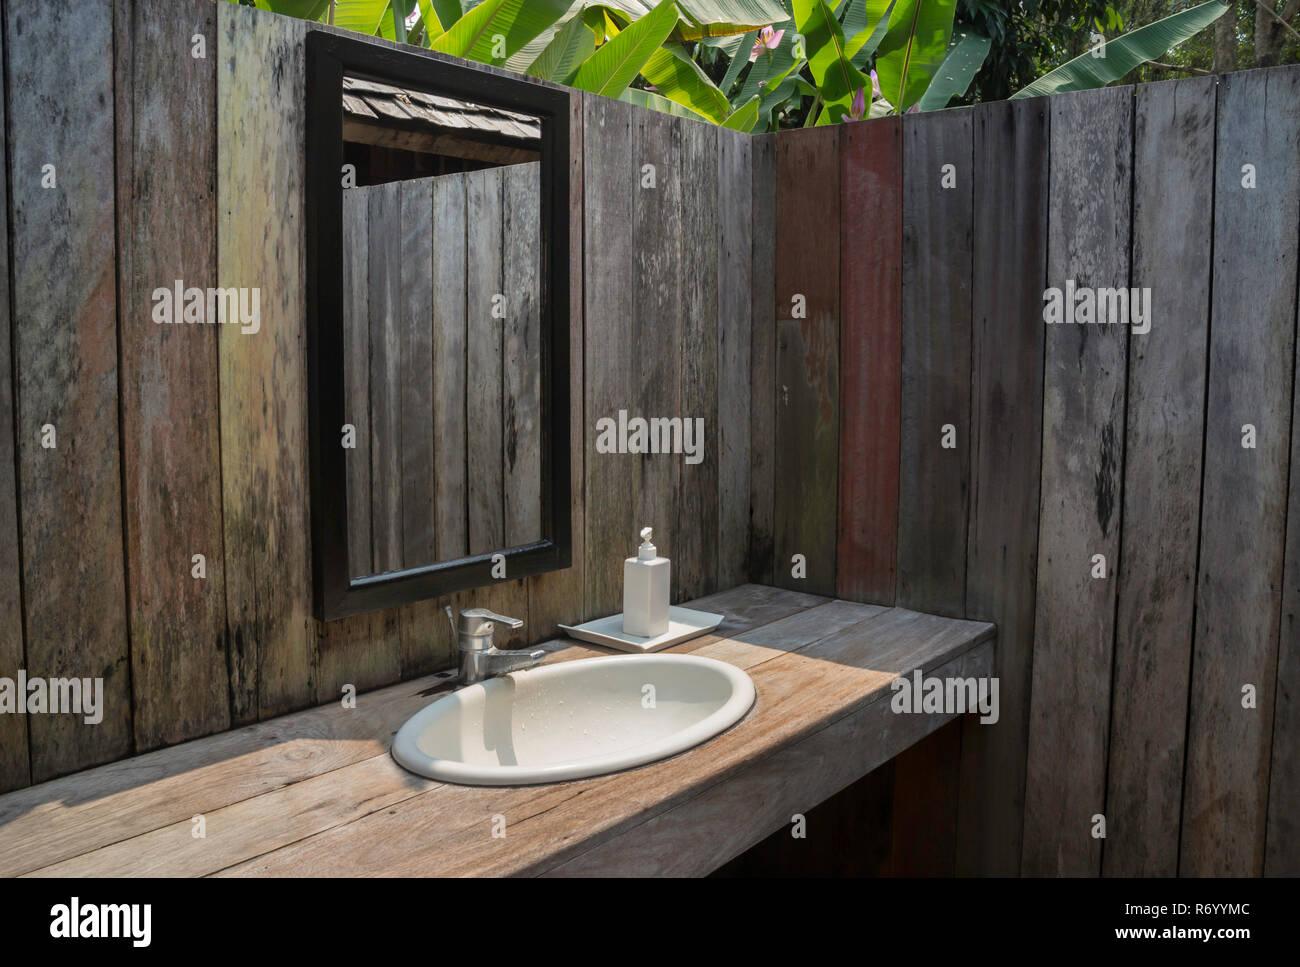 Bagno Esterno In Giardino bagno all'aperto immagini & bagno all'aperto fotos stock - alamy